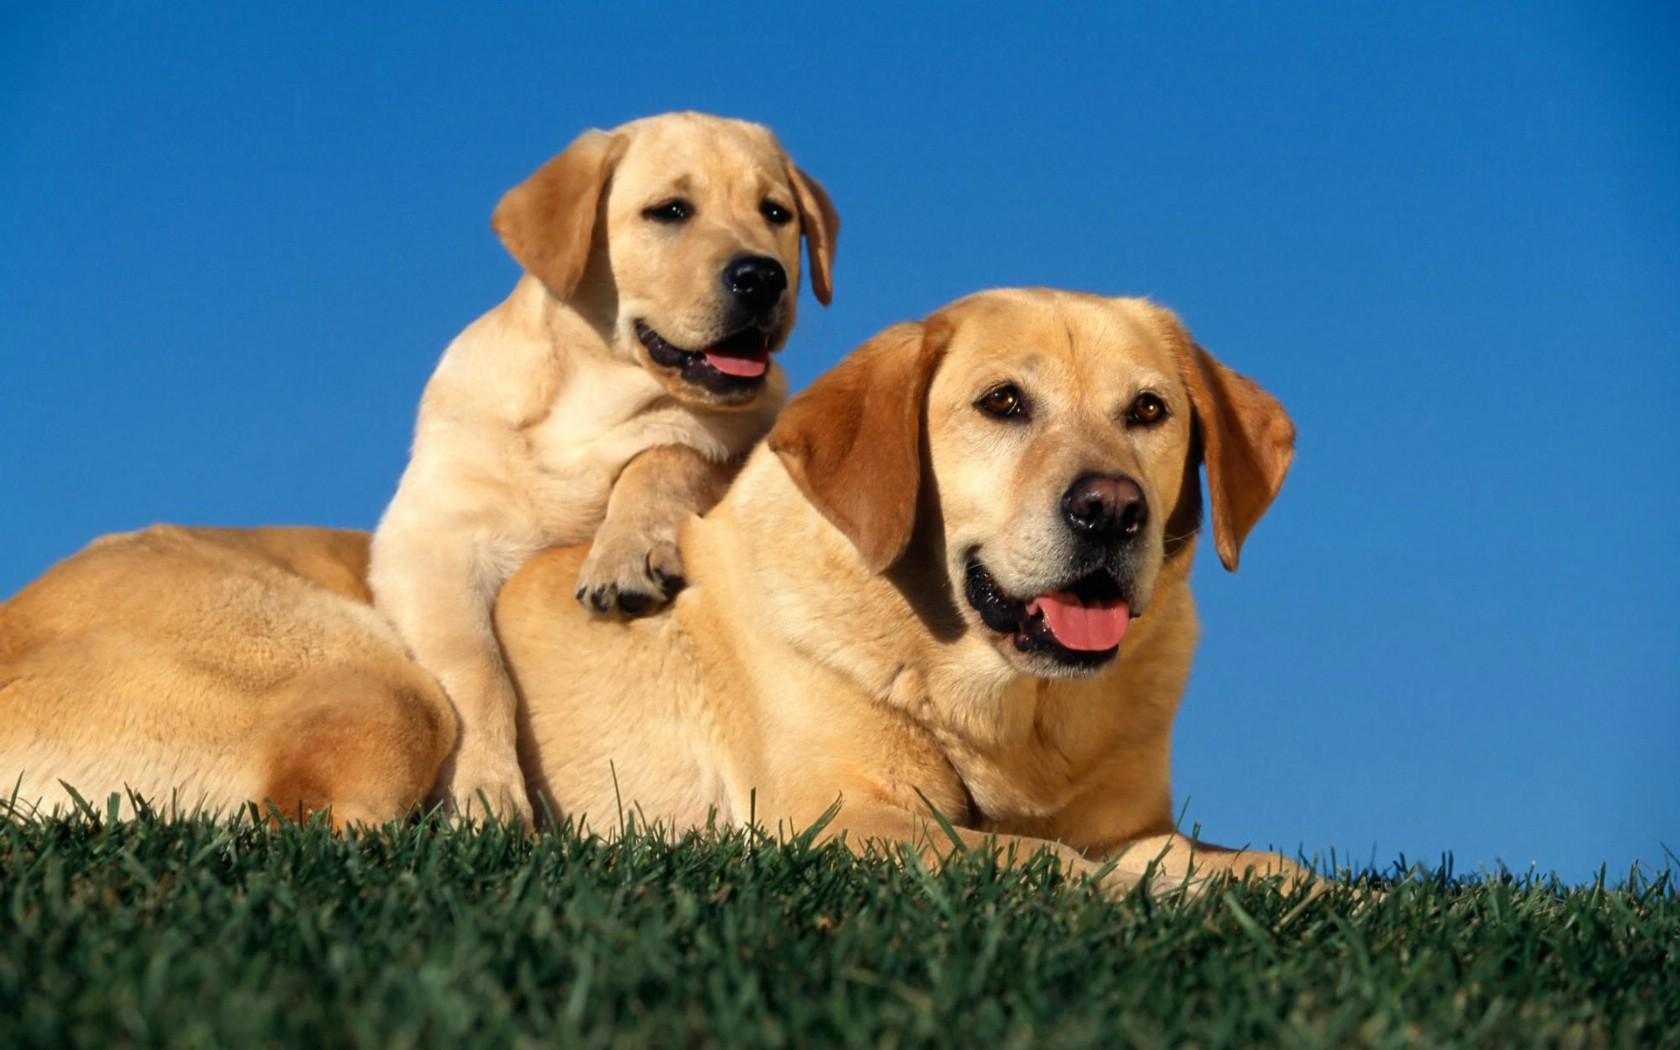 壁纸1680×1050可爱狗狗 高清宽屏壁纸壁纸,可爱狗狗